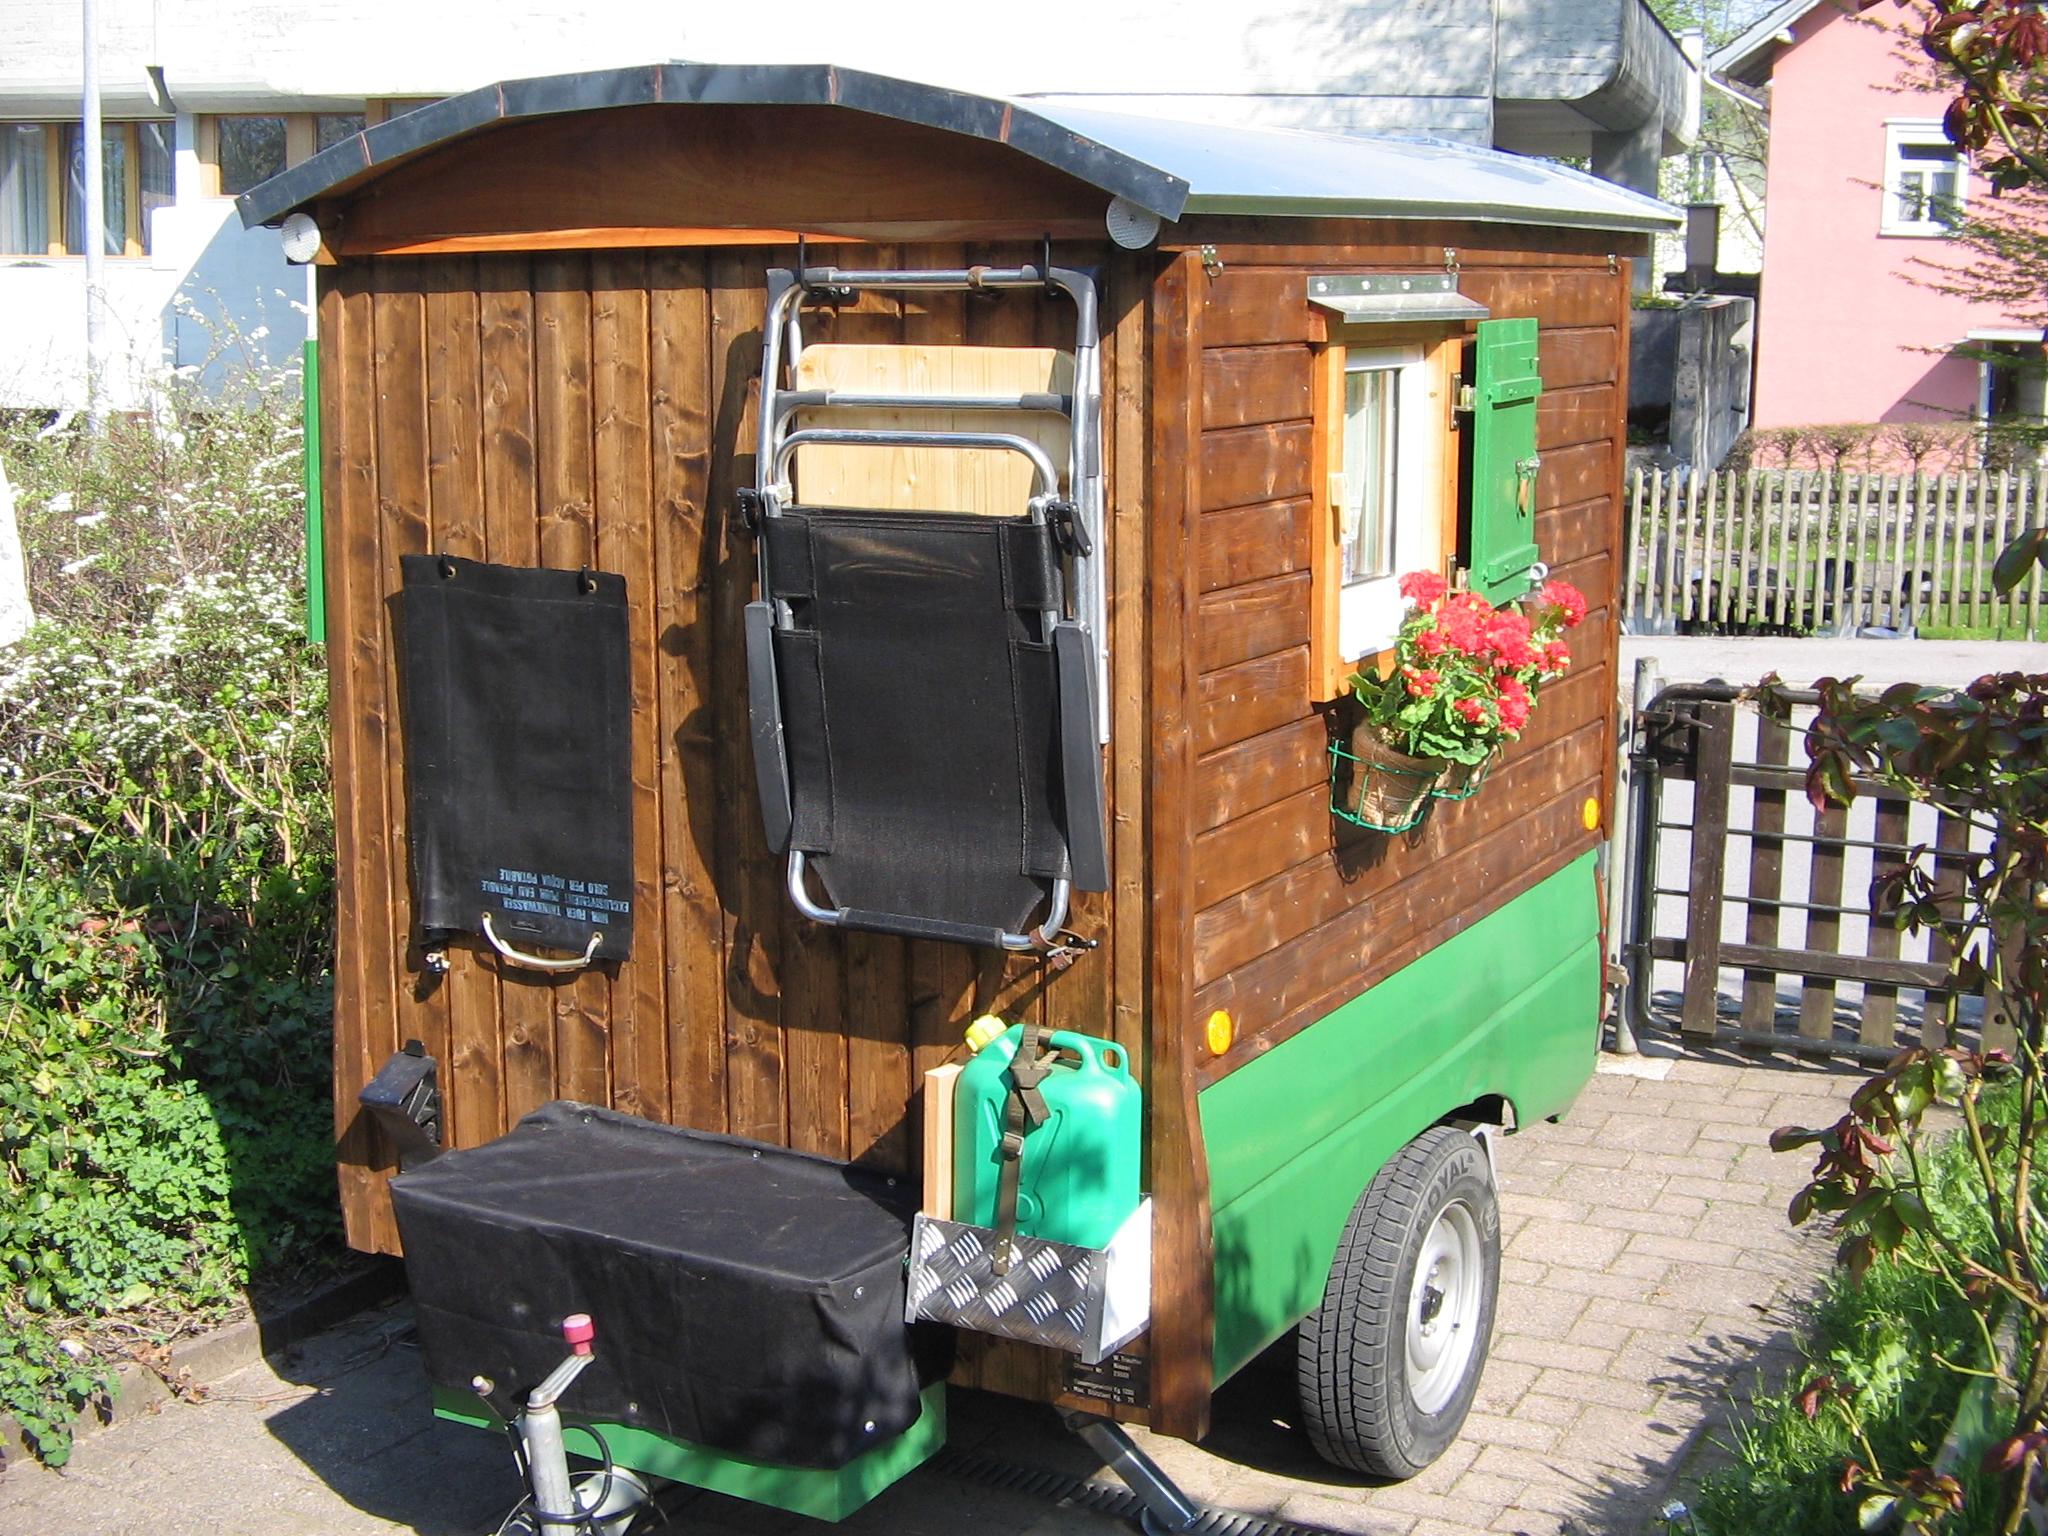 sch ferwagen heinis traktorabenteuer. Black Bedroom Furniture Sets. Home Design Ideas